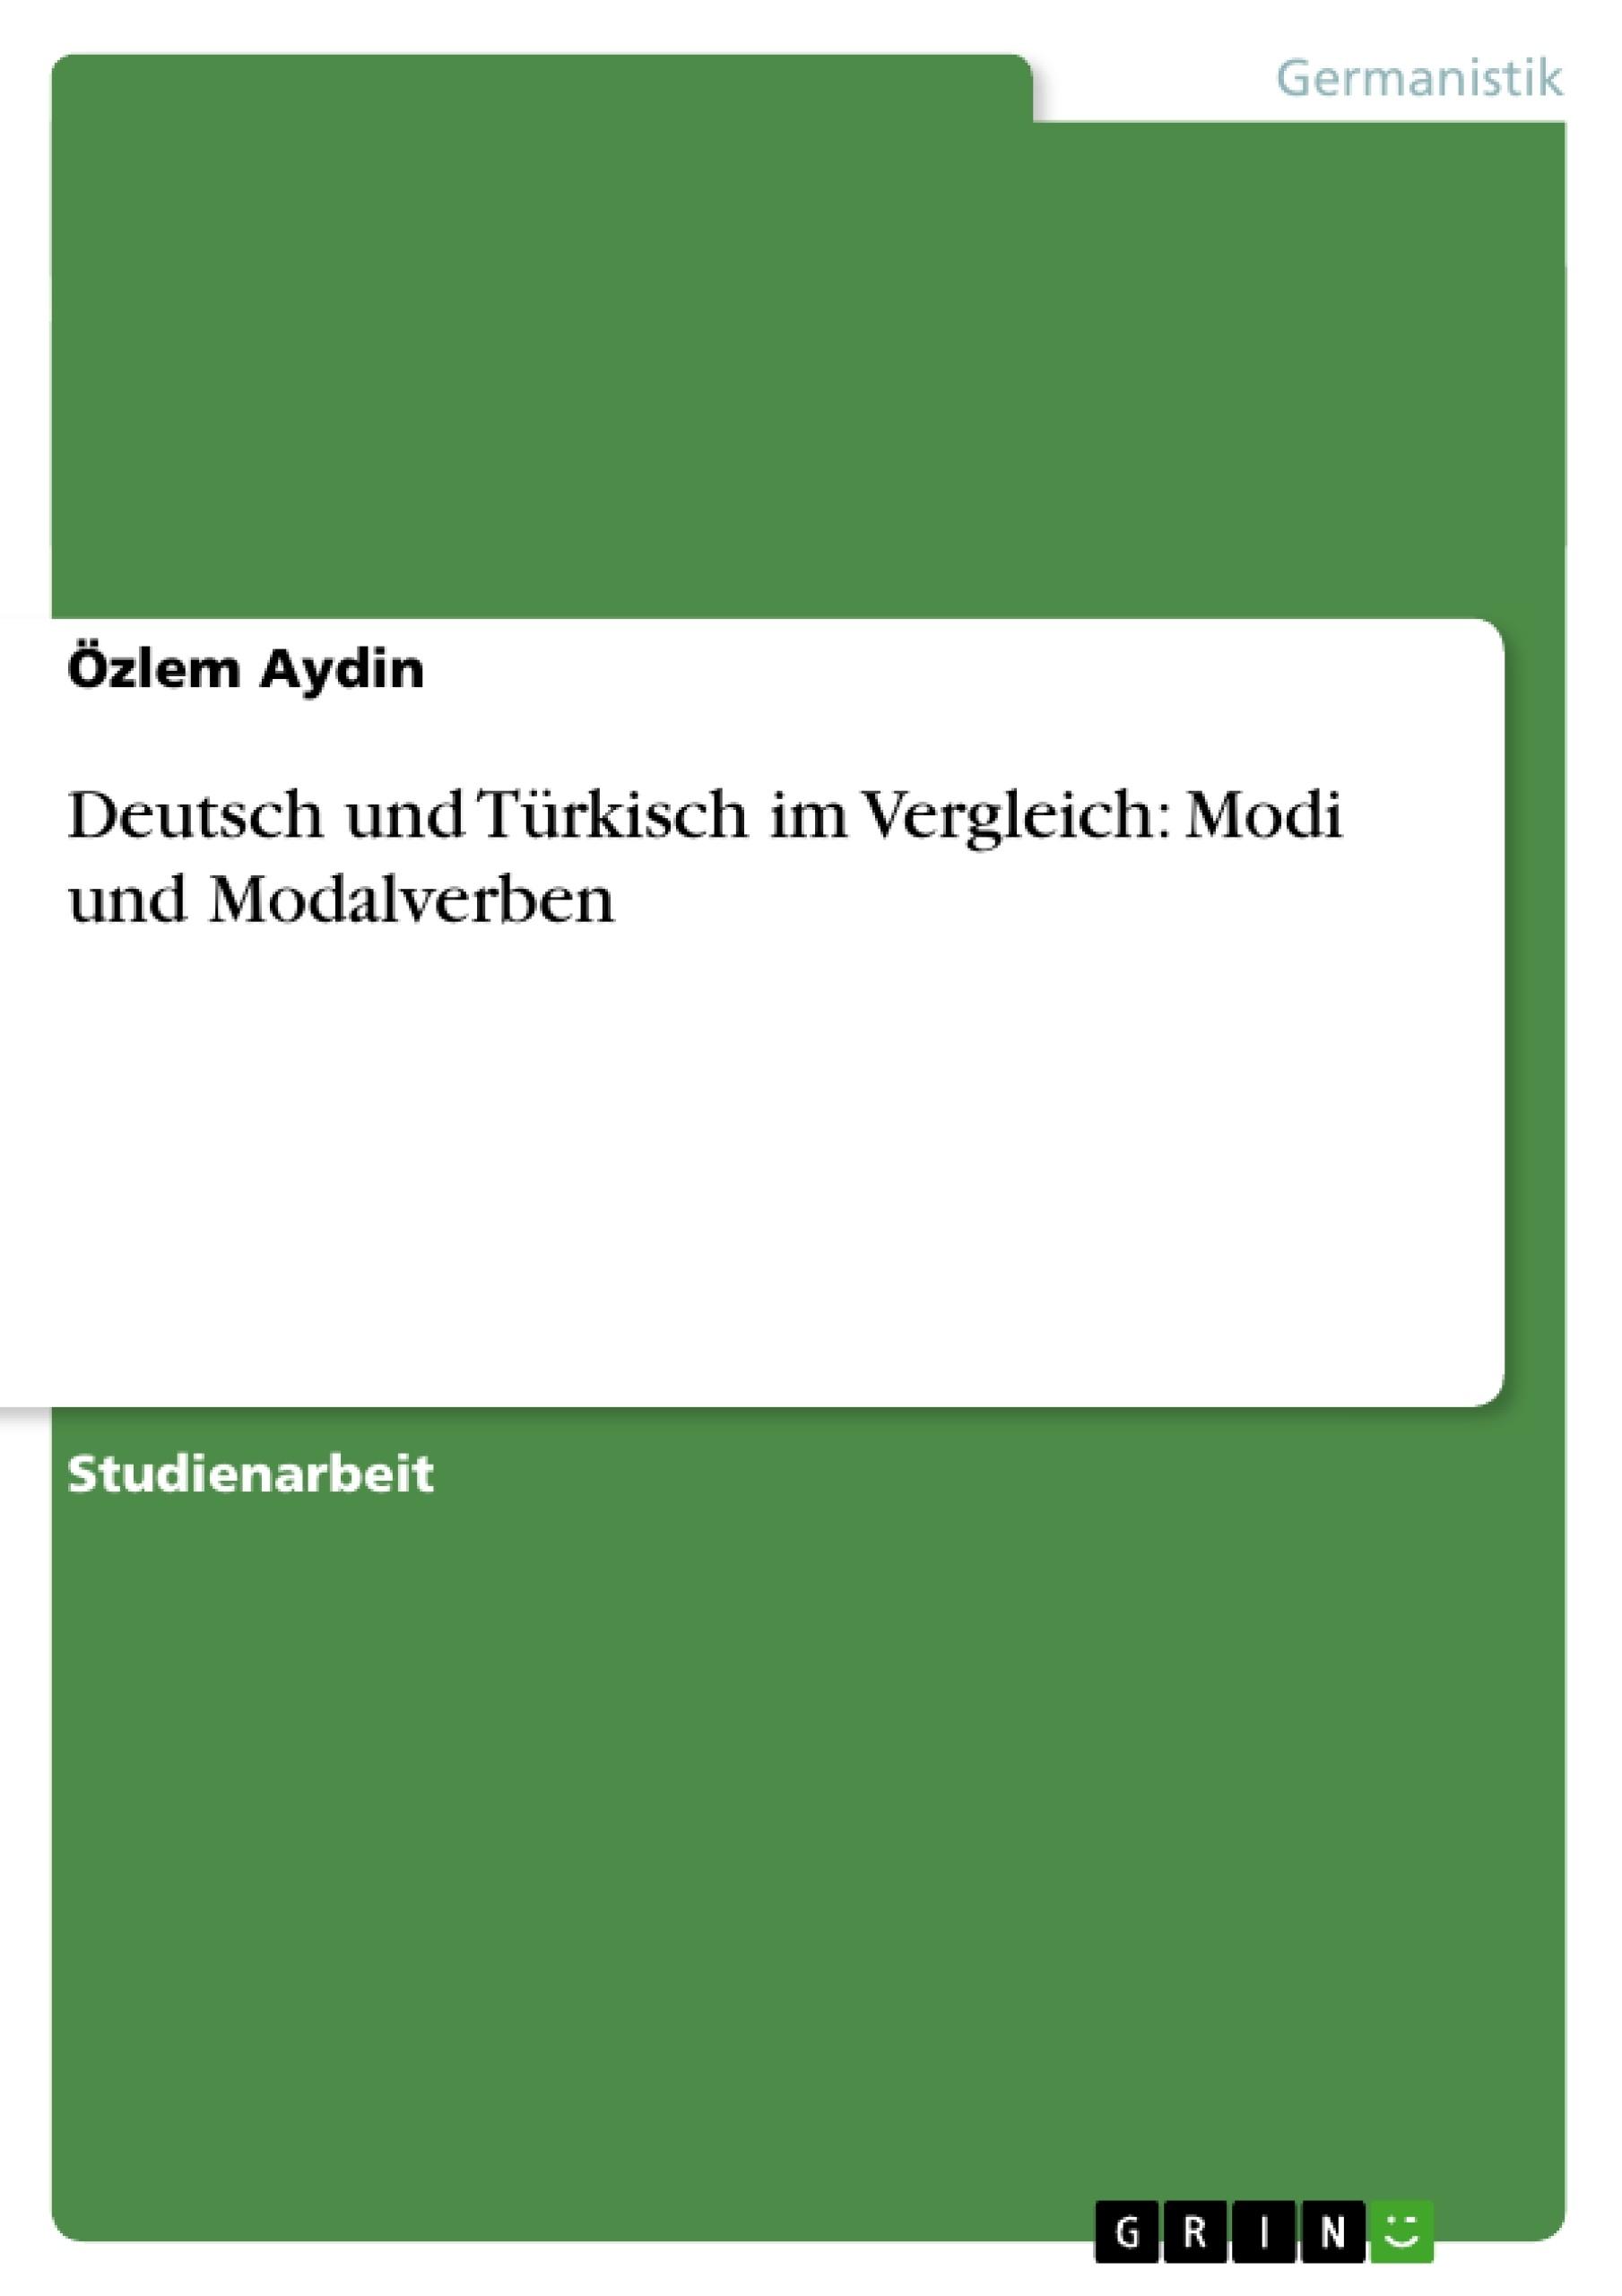 Titel: Deutsch und Türkisch im Vergleich: Modi und Modalverben